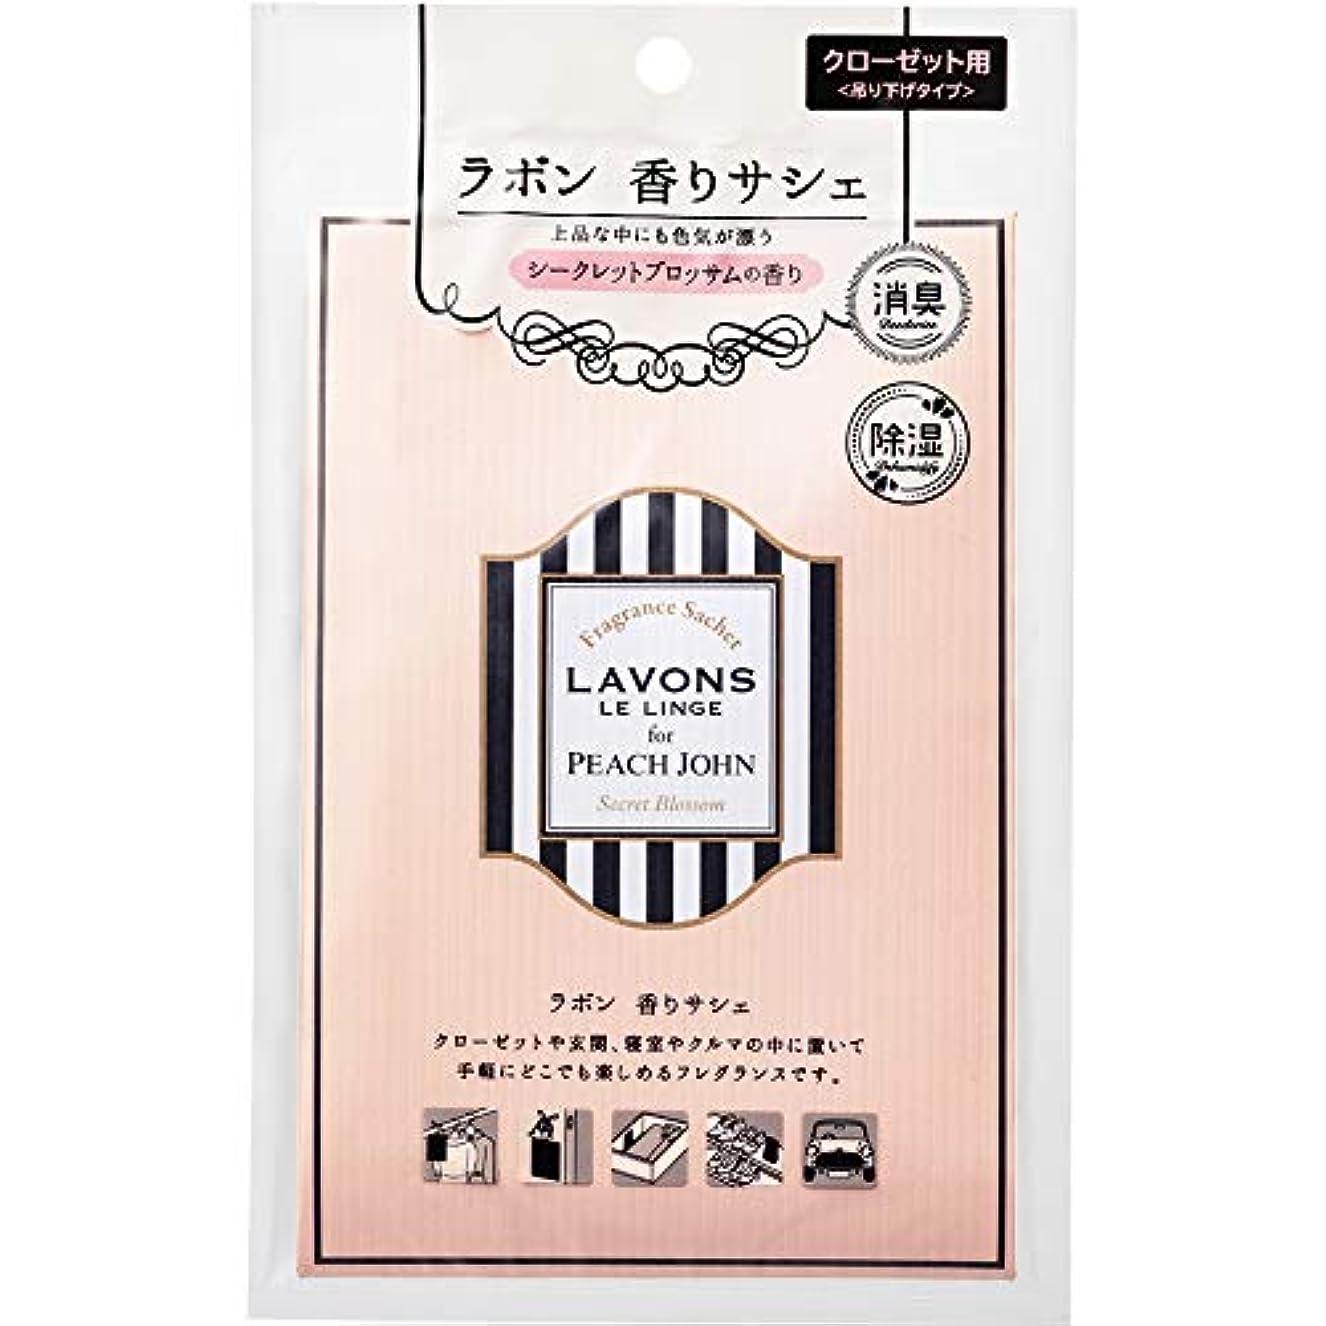 シュガーボイド緊張するラボン for PEACH JOHN 香りサシェ (香り袋) シークレットブロッサムの香り 20g